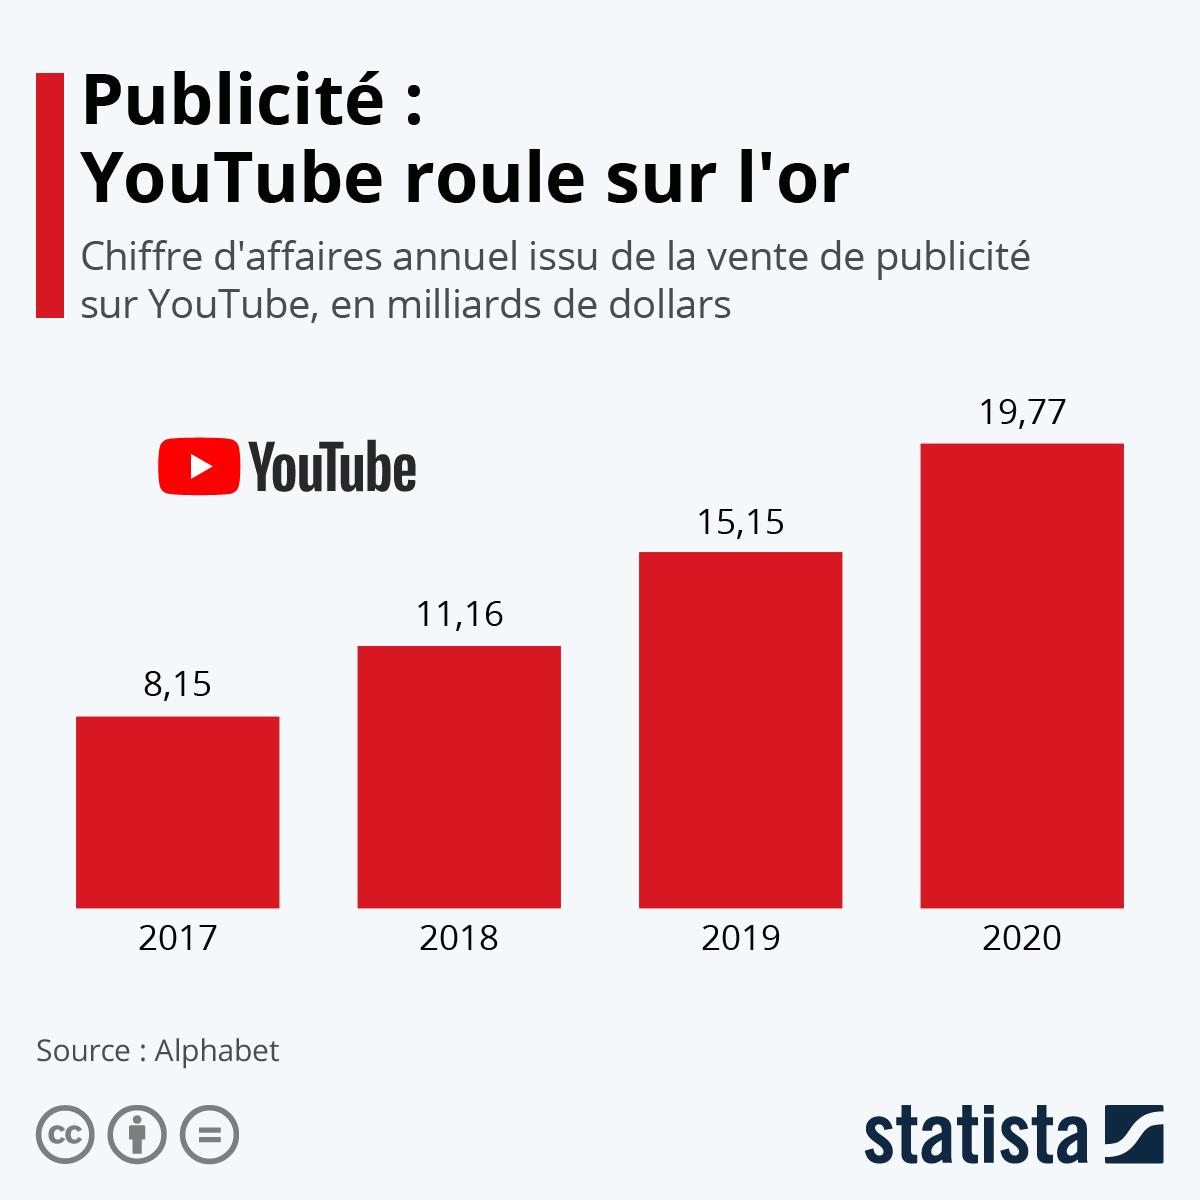 Infographie: YouTube a généré près de 20 milliards de dollars en 2020 | Statista